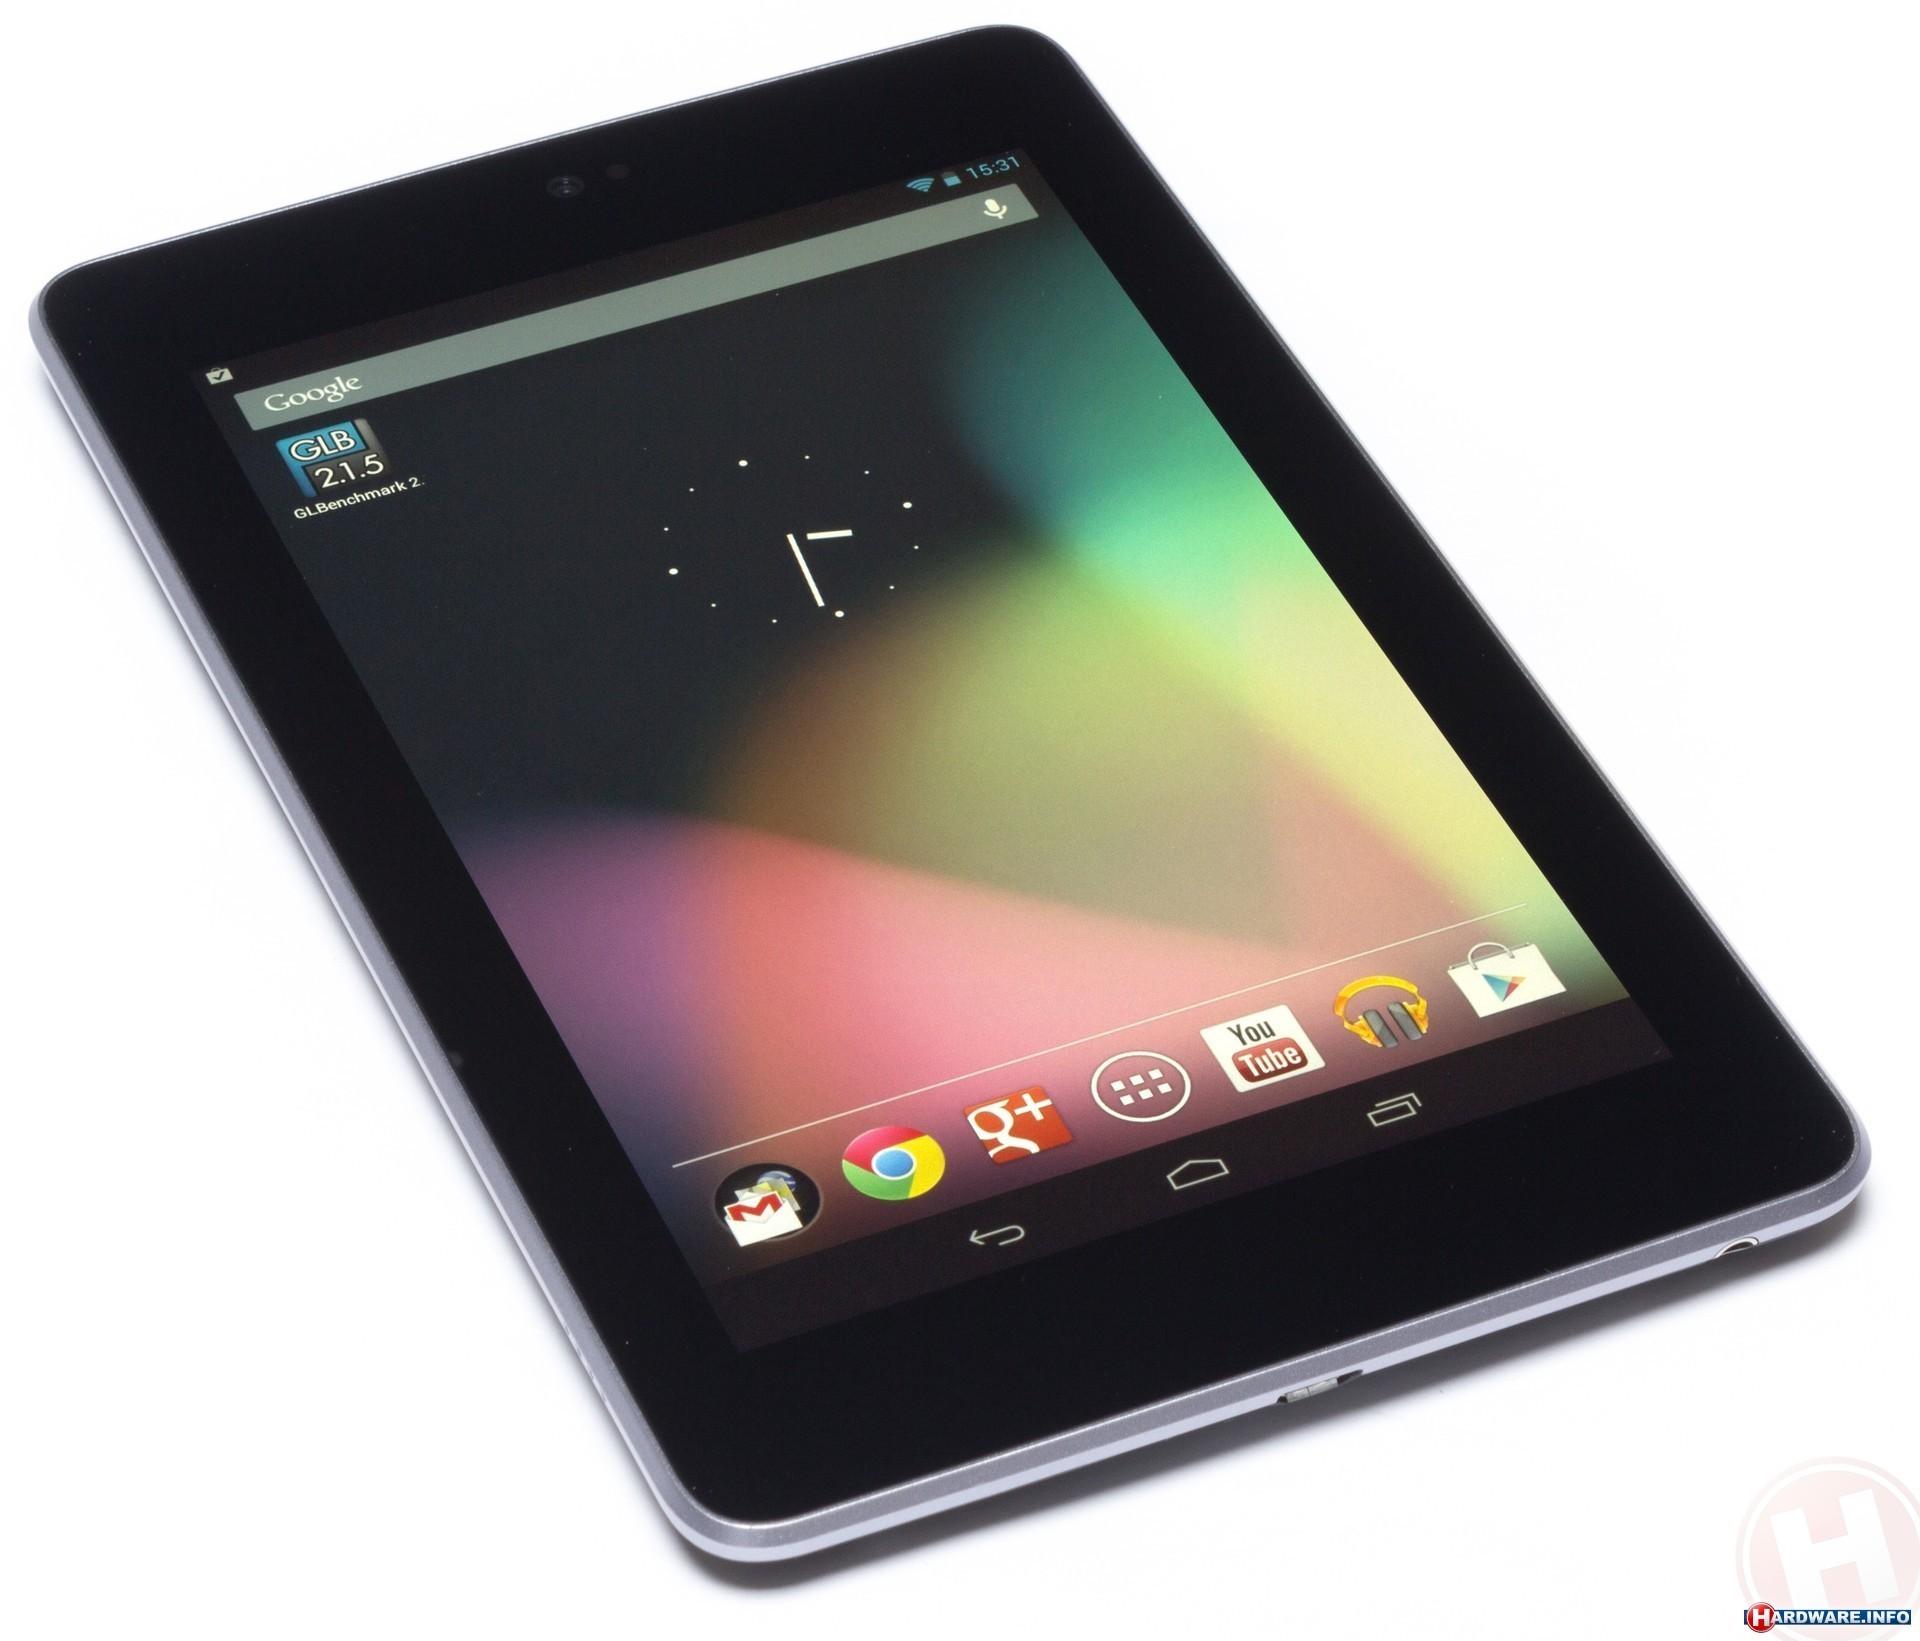 """Совместный продукт Google и Asus Nexus 7 3G 32GB. Преимущество компактность и великолепный экран 7"""" IPS LCD (1280x800). Стандарты связи 3G под управлением Android 4.1 Jelly Bean. Четырехъядерный процессор NVIDIA Tegra 3 1.2 ГГц, оперативная память - 1 ГБайт. Интерграция с сервисами Google. Время работы без перезарядки в режиме просмотра видео - 8 часов."""